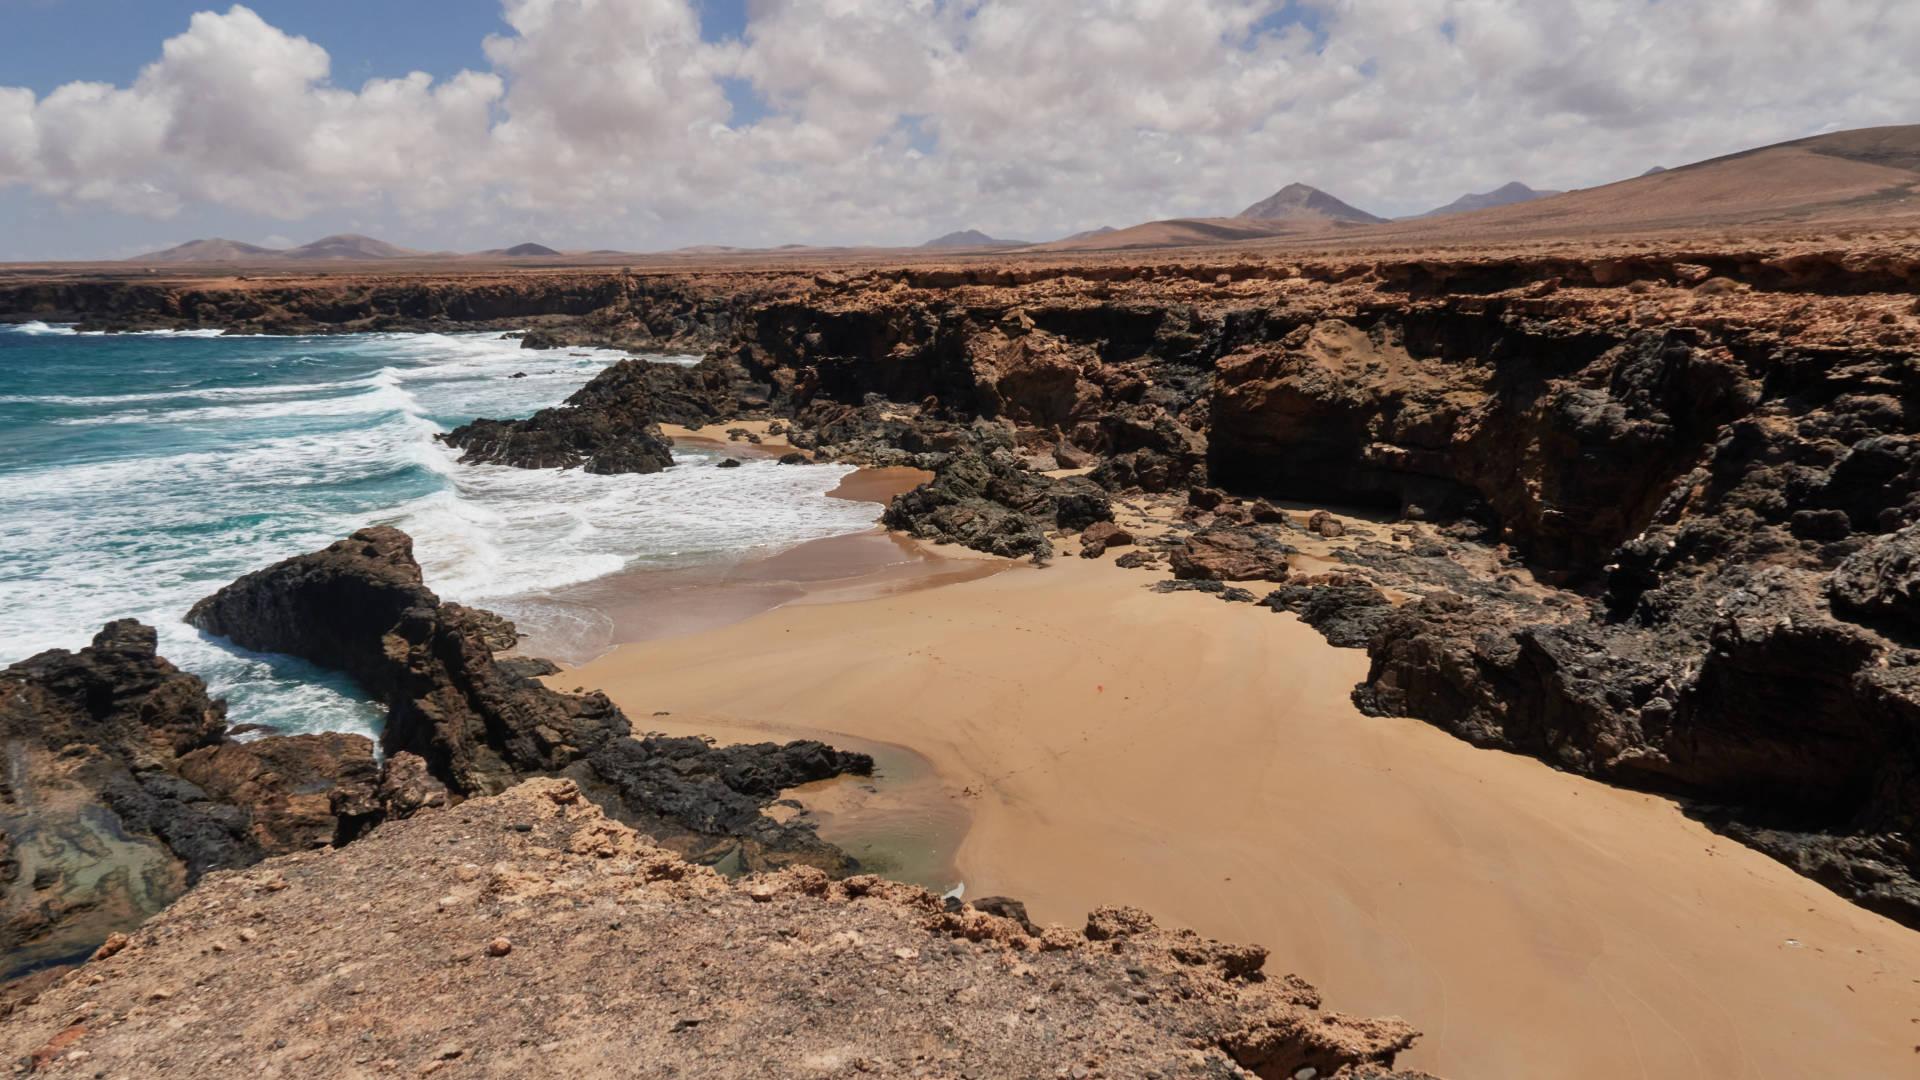 Los Garañones (Punta del Viento) nahe Tindaya Fuerteventura.